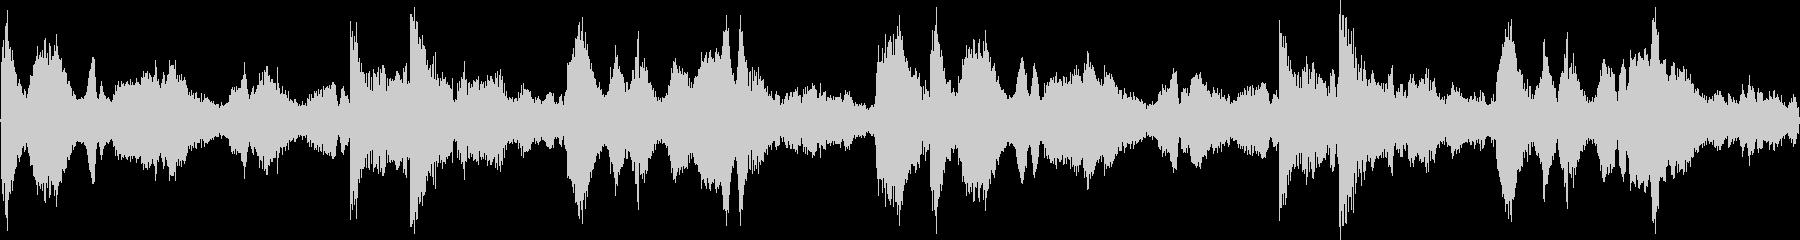 k010 アラーム音(ループ仕様)の未再生の波形